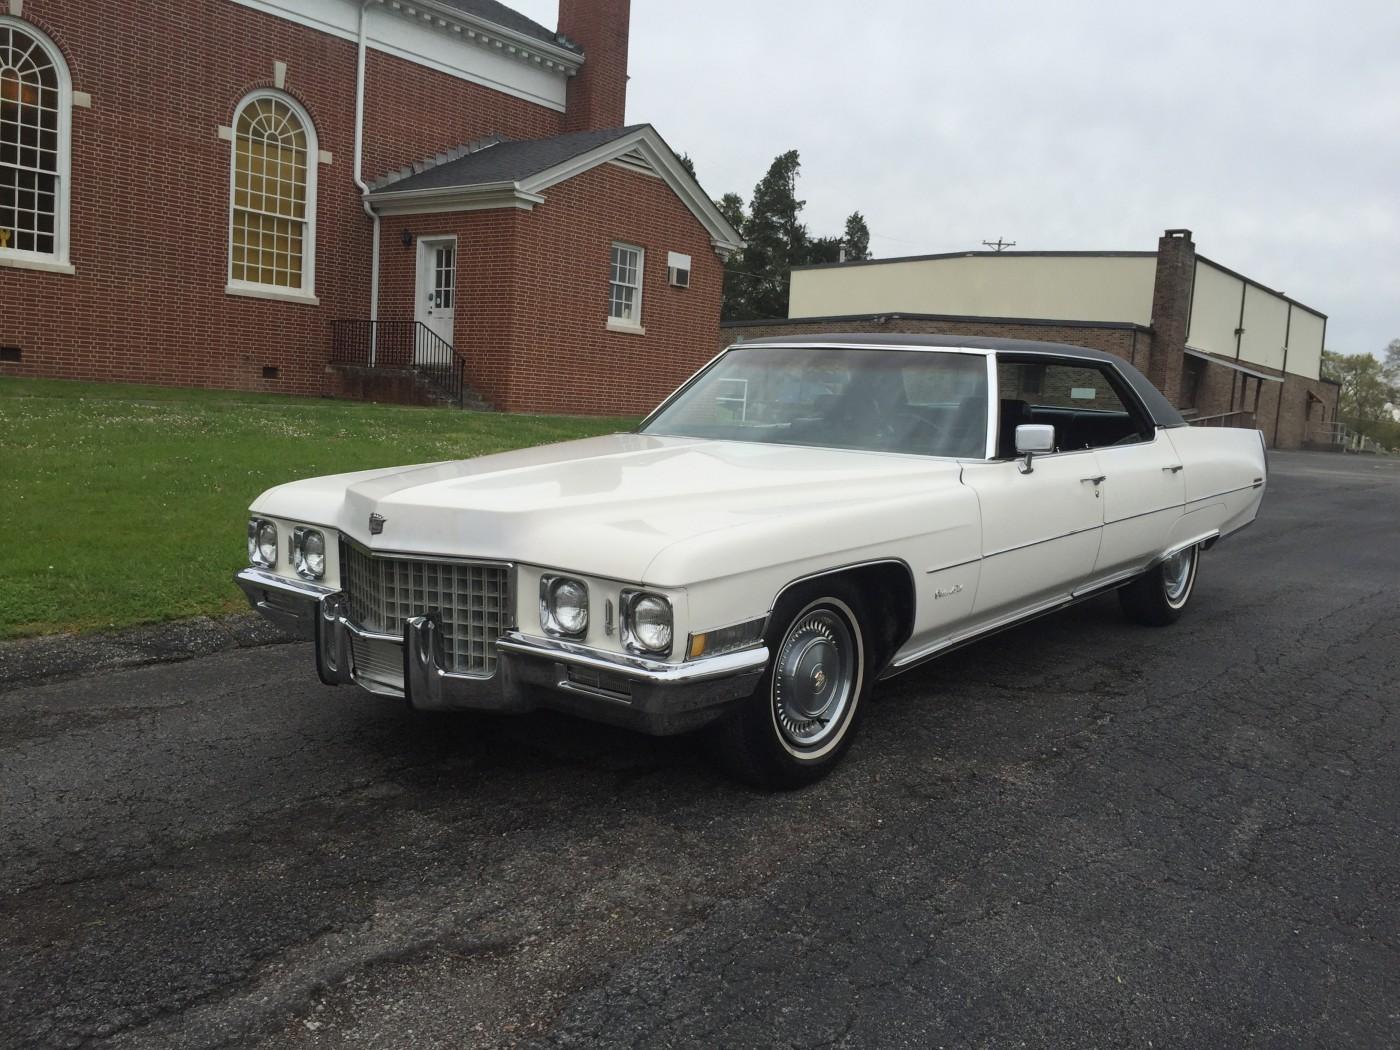 Cadillac Sedan DeVille Hire Chickamauga